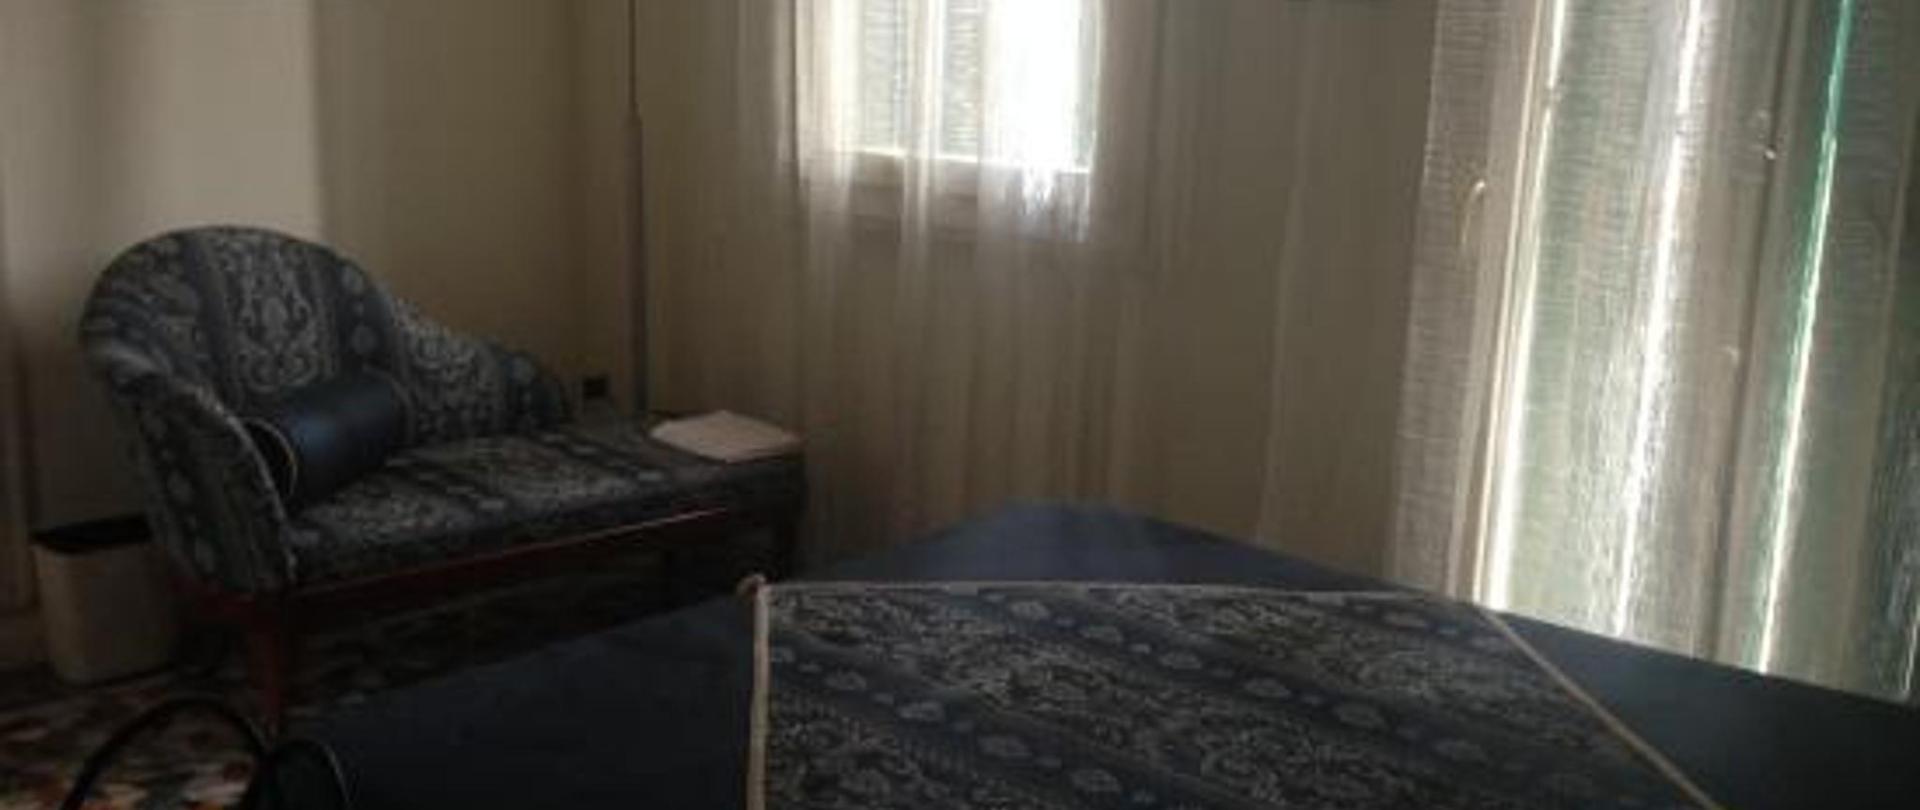 hotel-cristina (4) .jpg